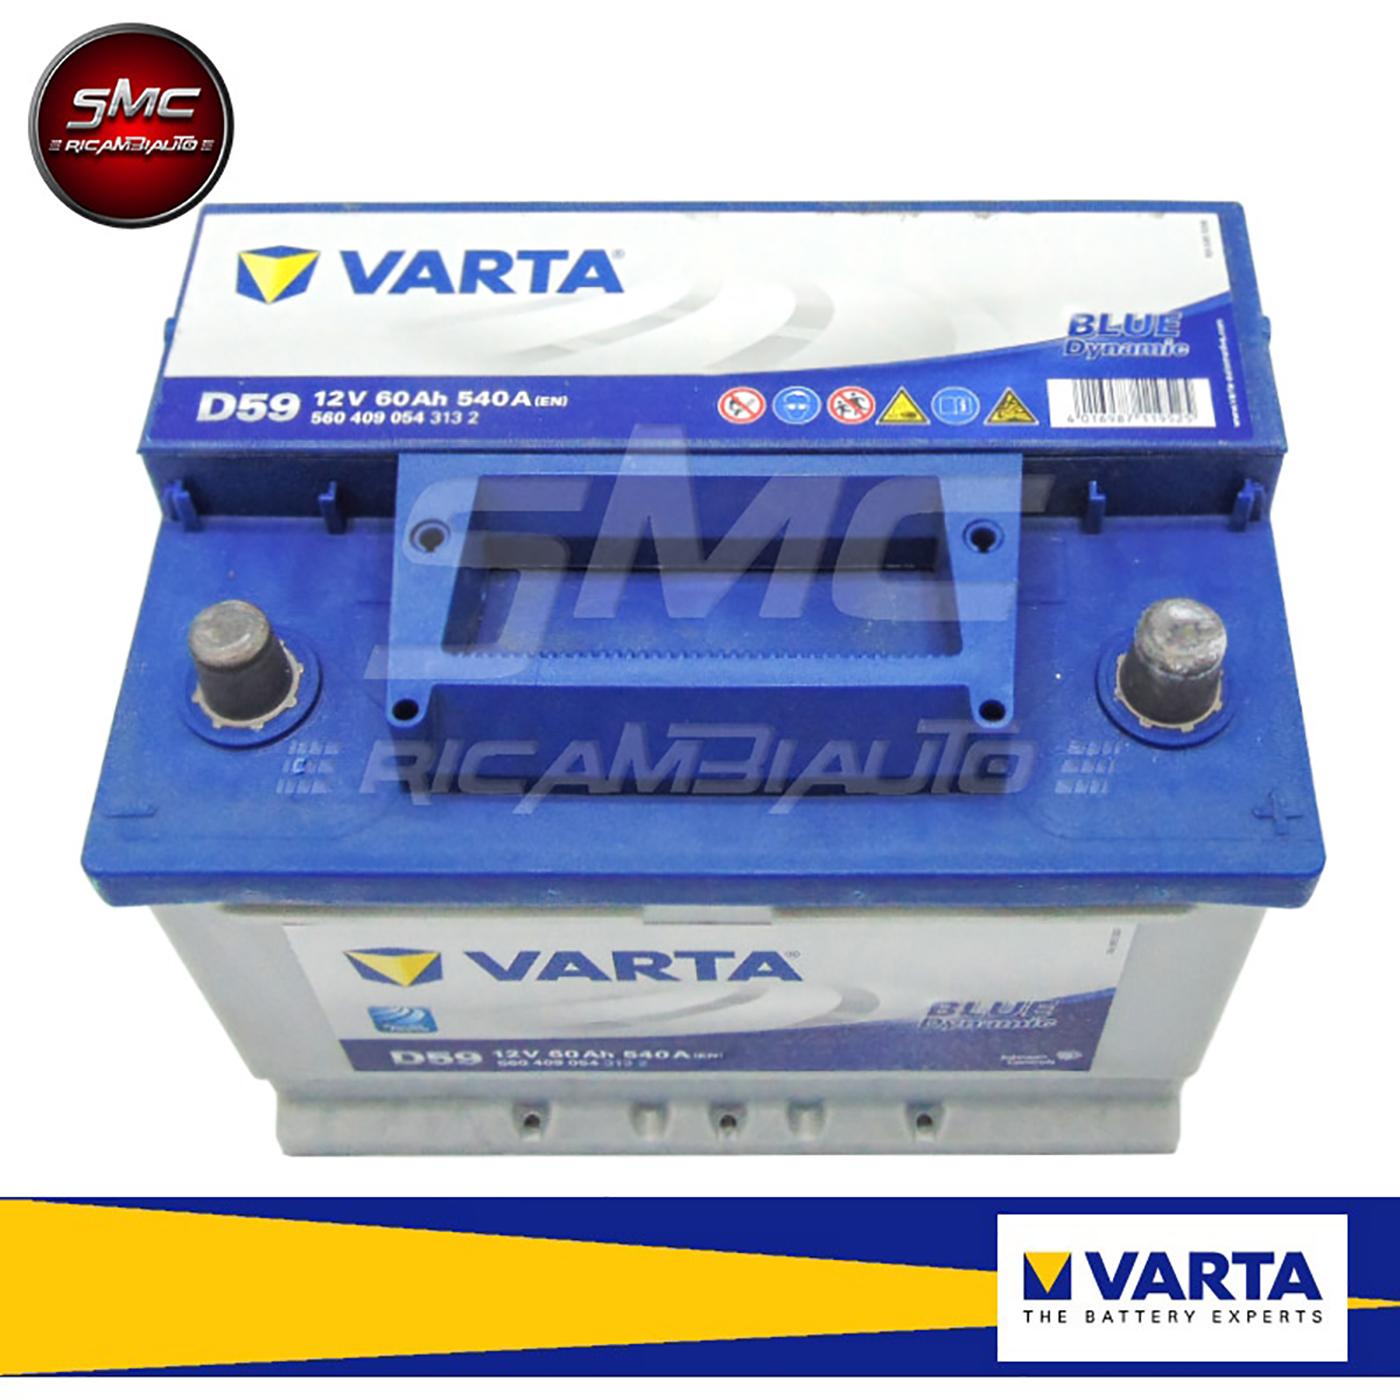 Batteria auto varta 560409054 60ah 540a ricambi auto smc for Smc ricambi auto